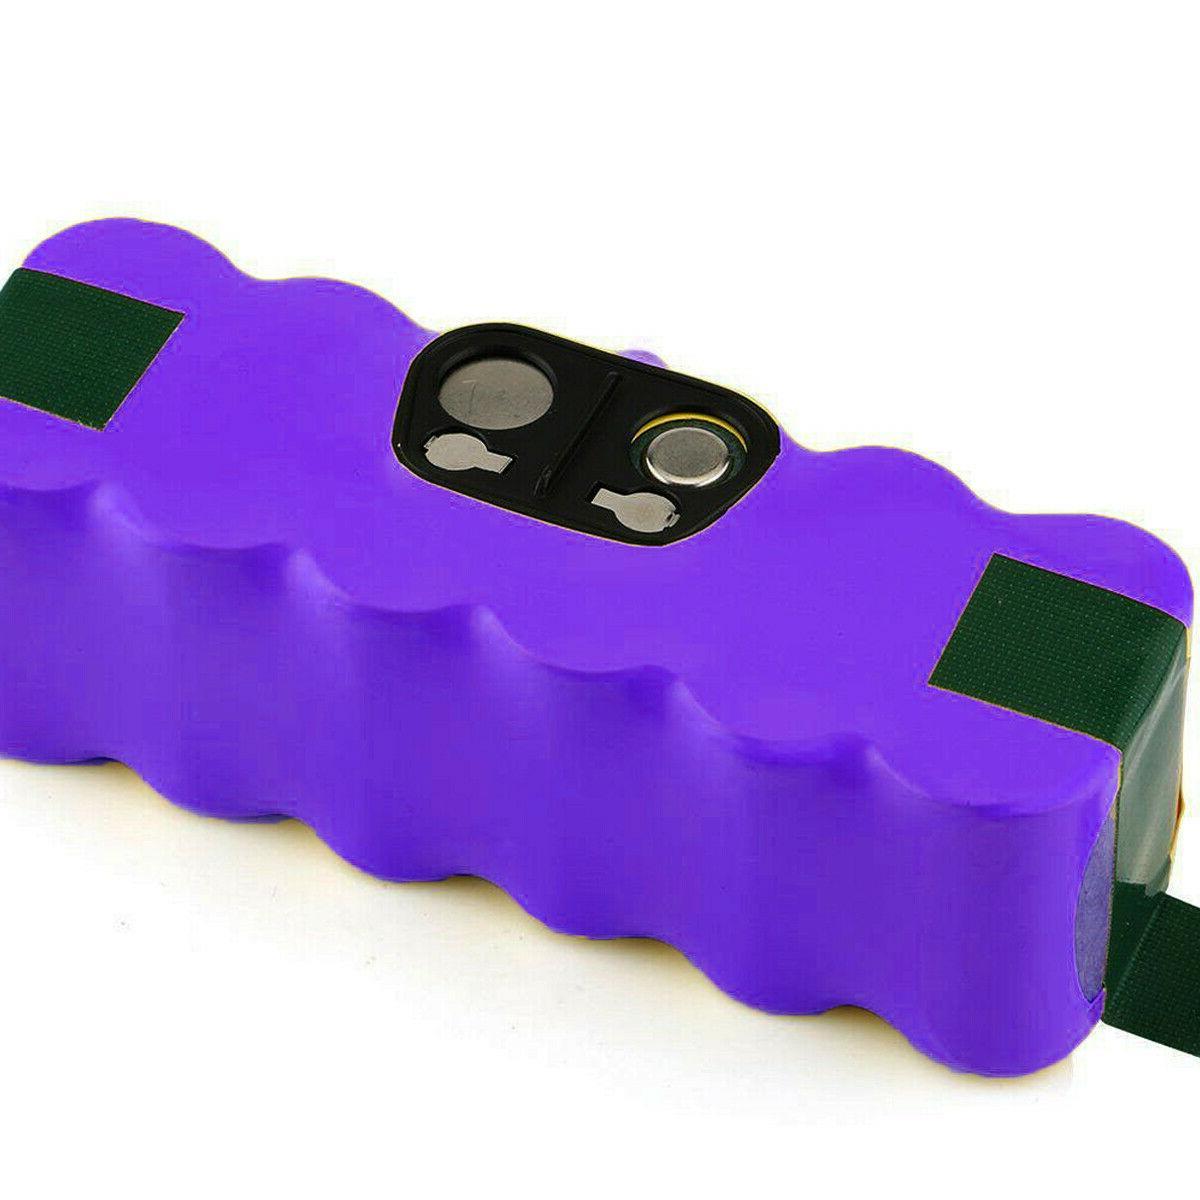 4500mAh iRobot Roomba Cleaner battery